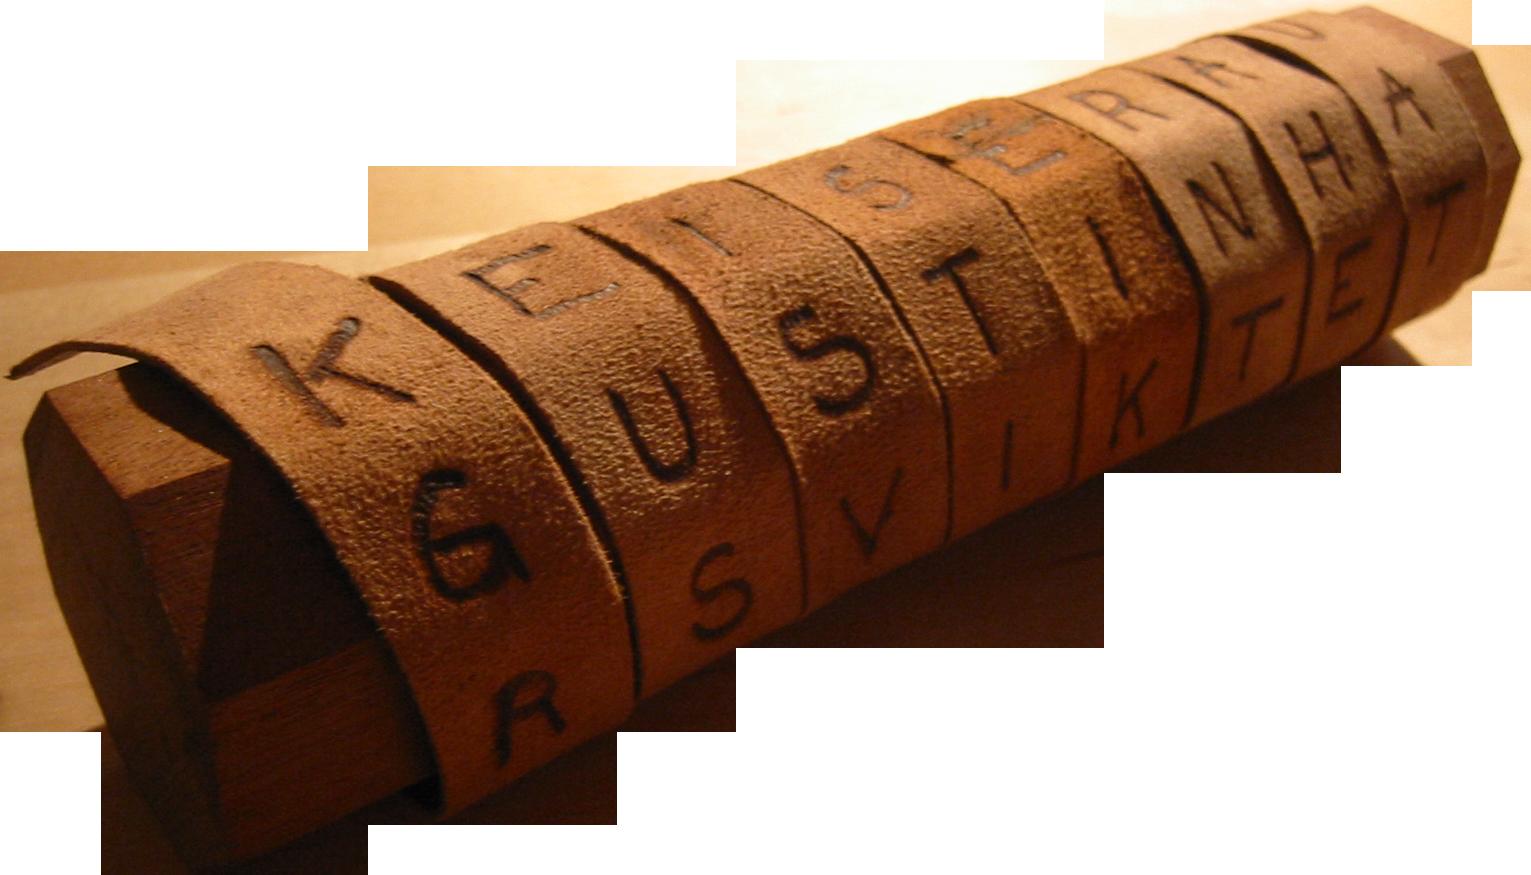 Štafeta sa šifrovanom porukom, 700 godina pre nove ere